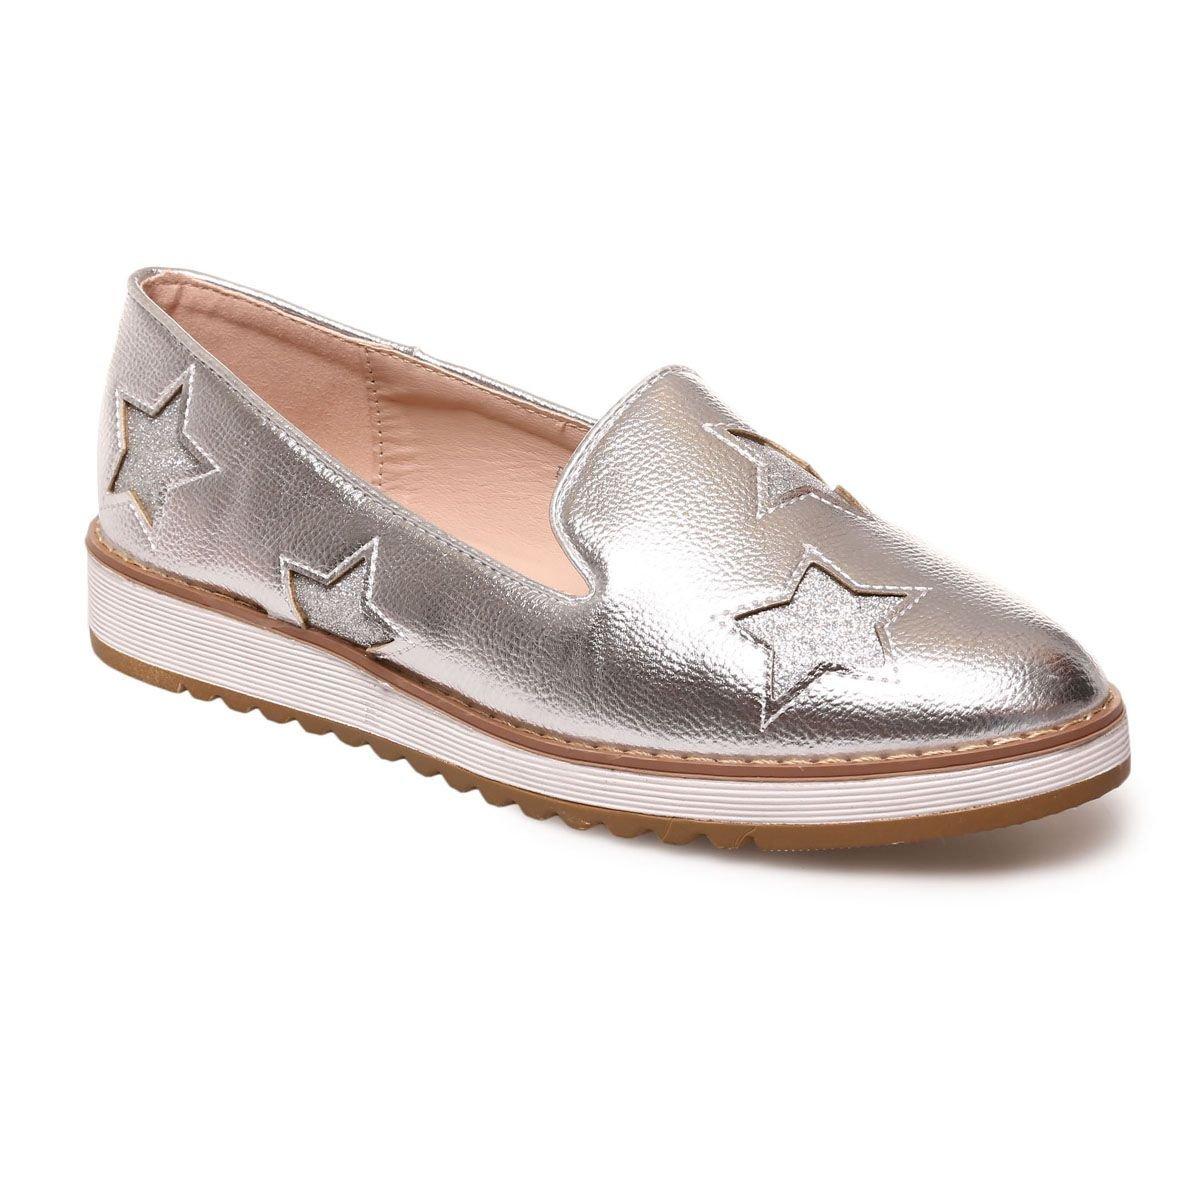 La Modeuse - Slippers détail étoiles étoiles sur pailletées Ton sur 19909 Ton Argenté 186a3a2 - therethere.space